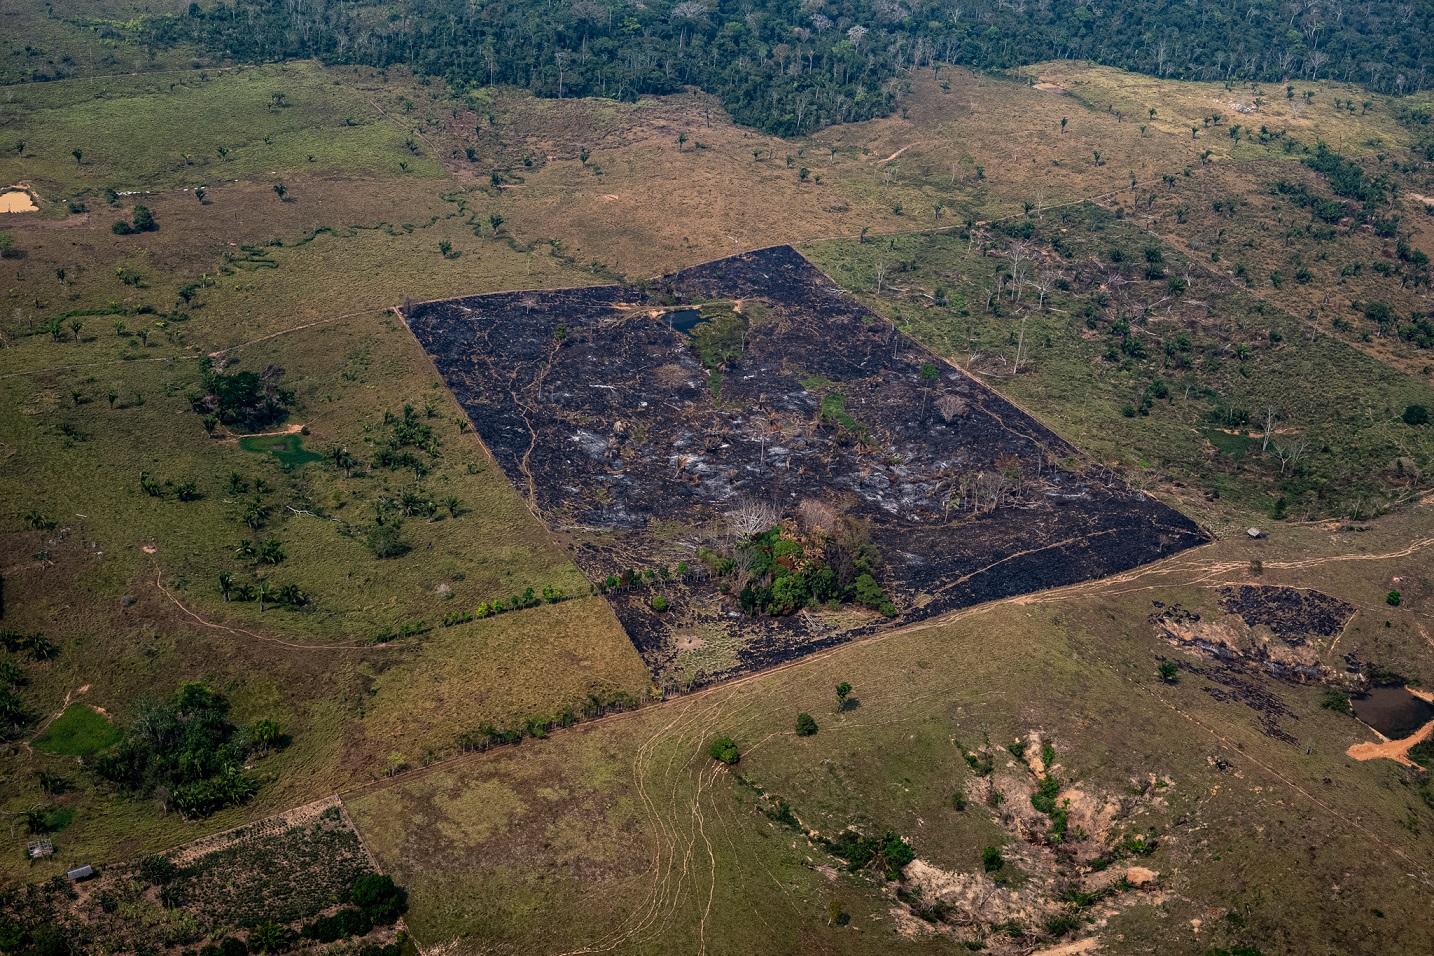 Como uma colcha de retalhos, a Amazônia perde parte da sua exuberância em troca do lucro de curto prazo. Foto Marcio Pimenta